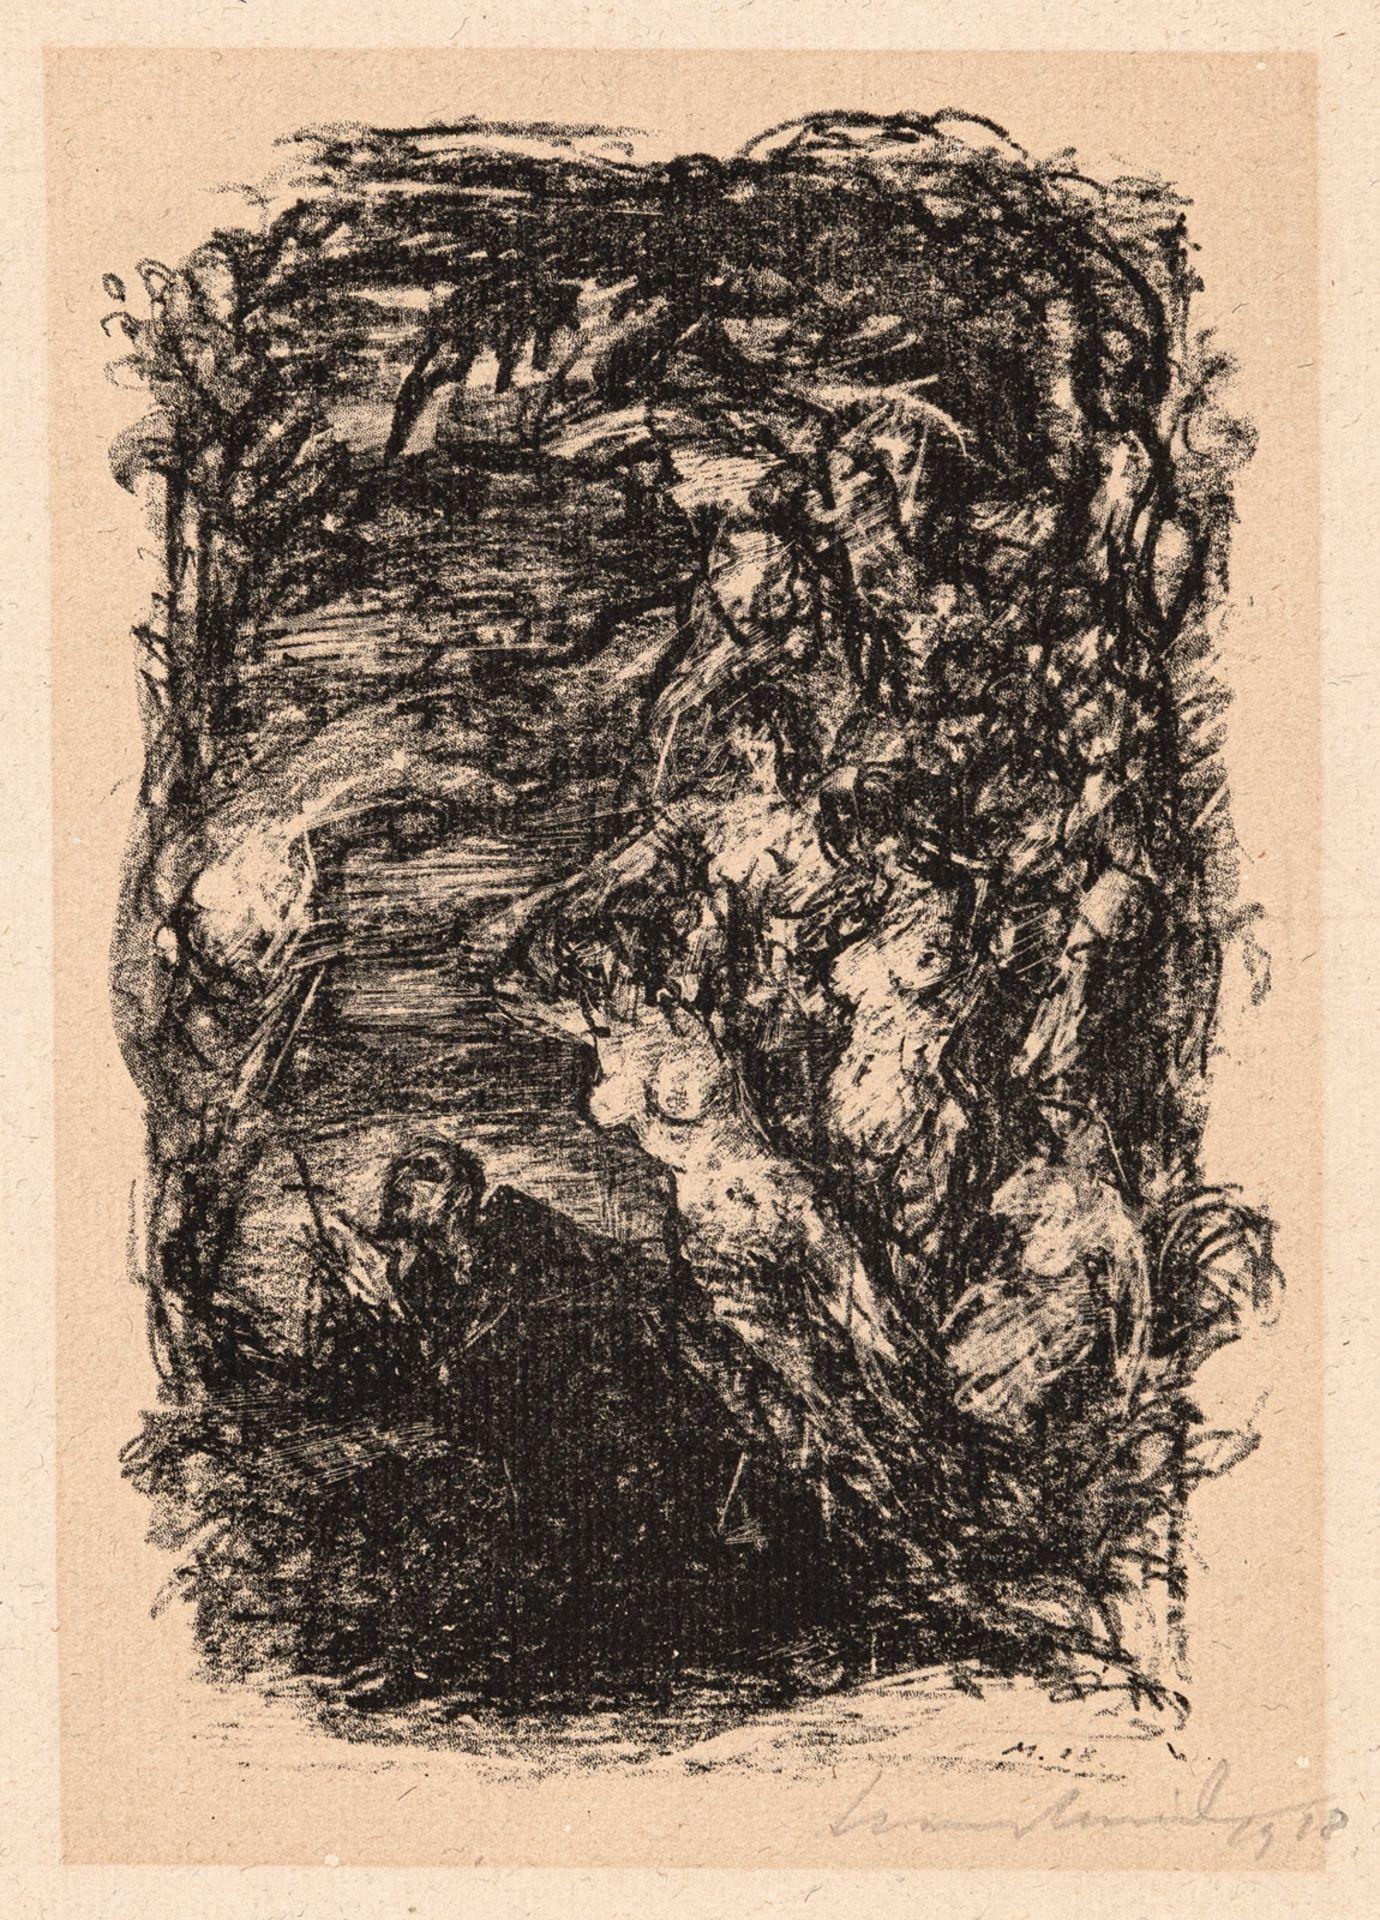 Meid, Hans - Image 4 of 12